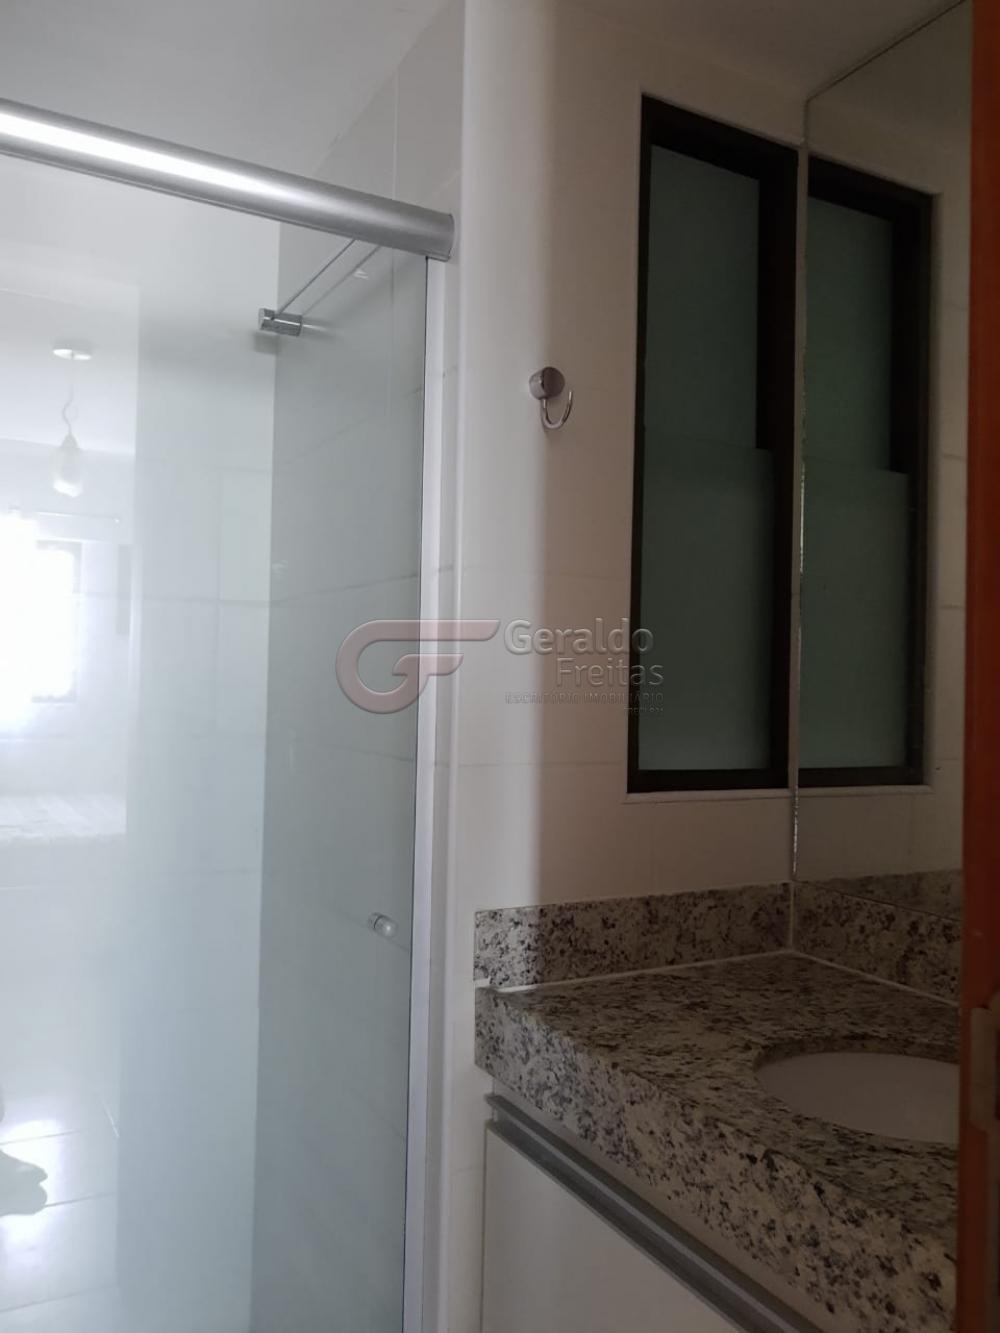 Comprar Apartamentos / Padrão em Maceió apenas R$ 350.000,00 - Foto 7